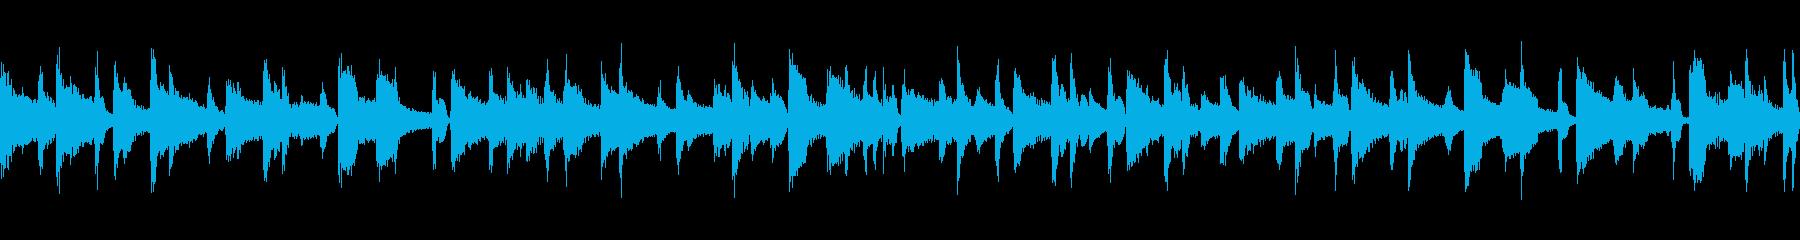 ジャズ ピアノバラード ループの再生済みの波形